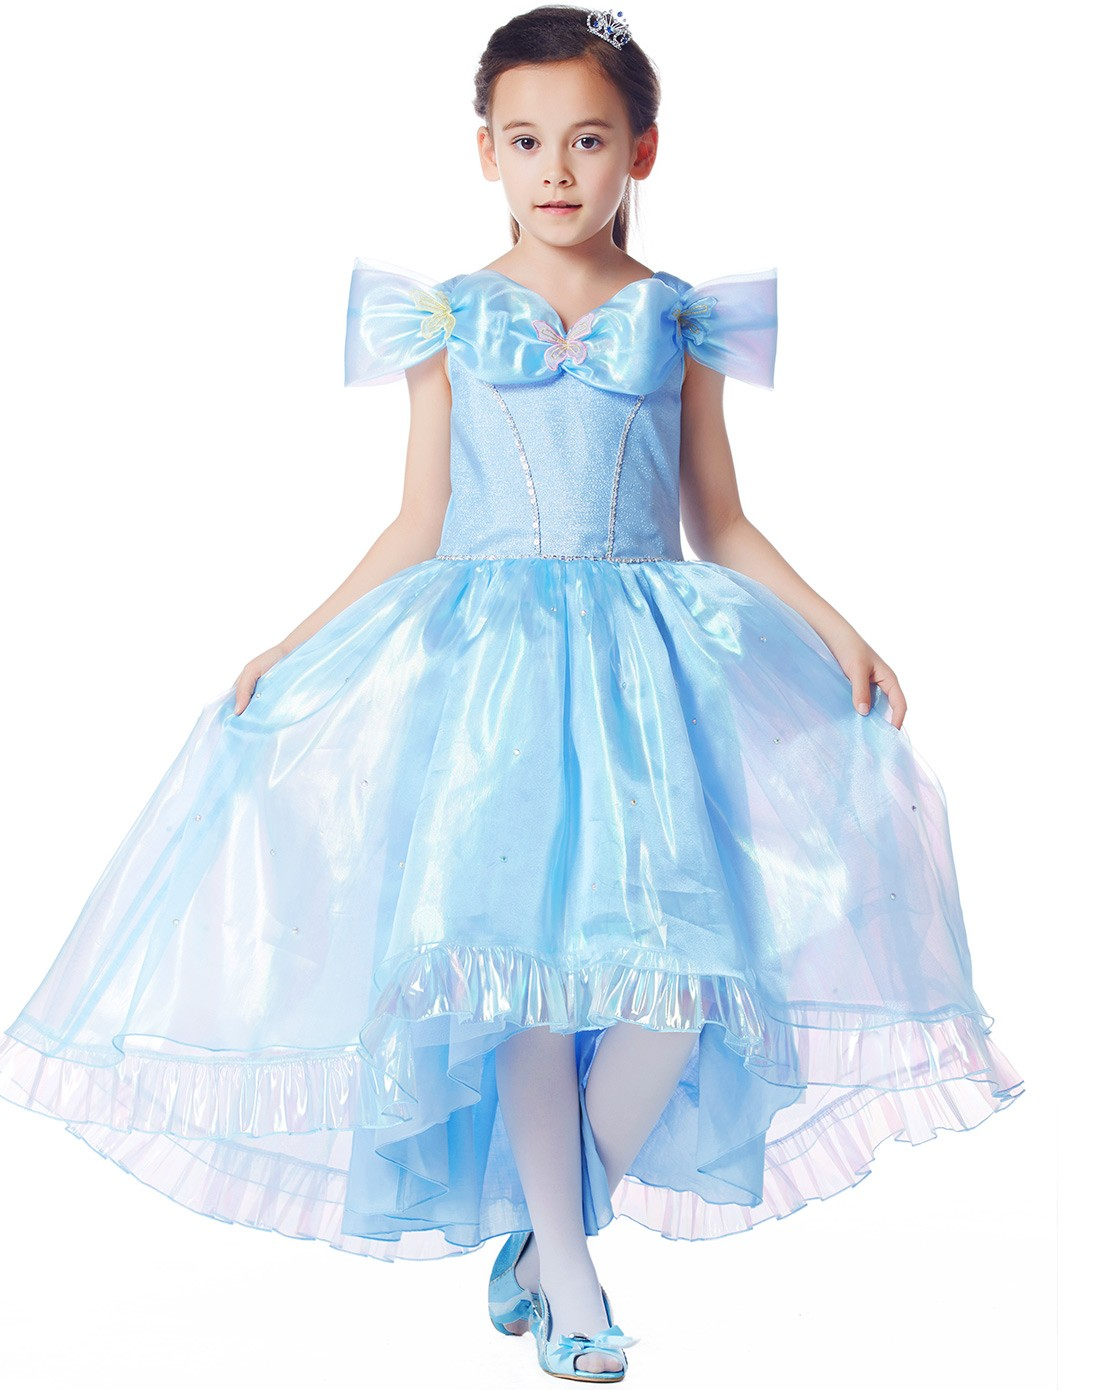 迪士尼公主系列之华丽礼服裙专场cinderilla大电影版图片